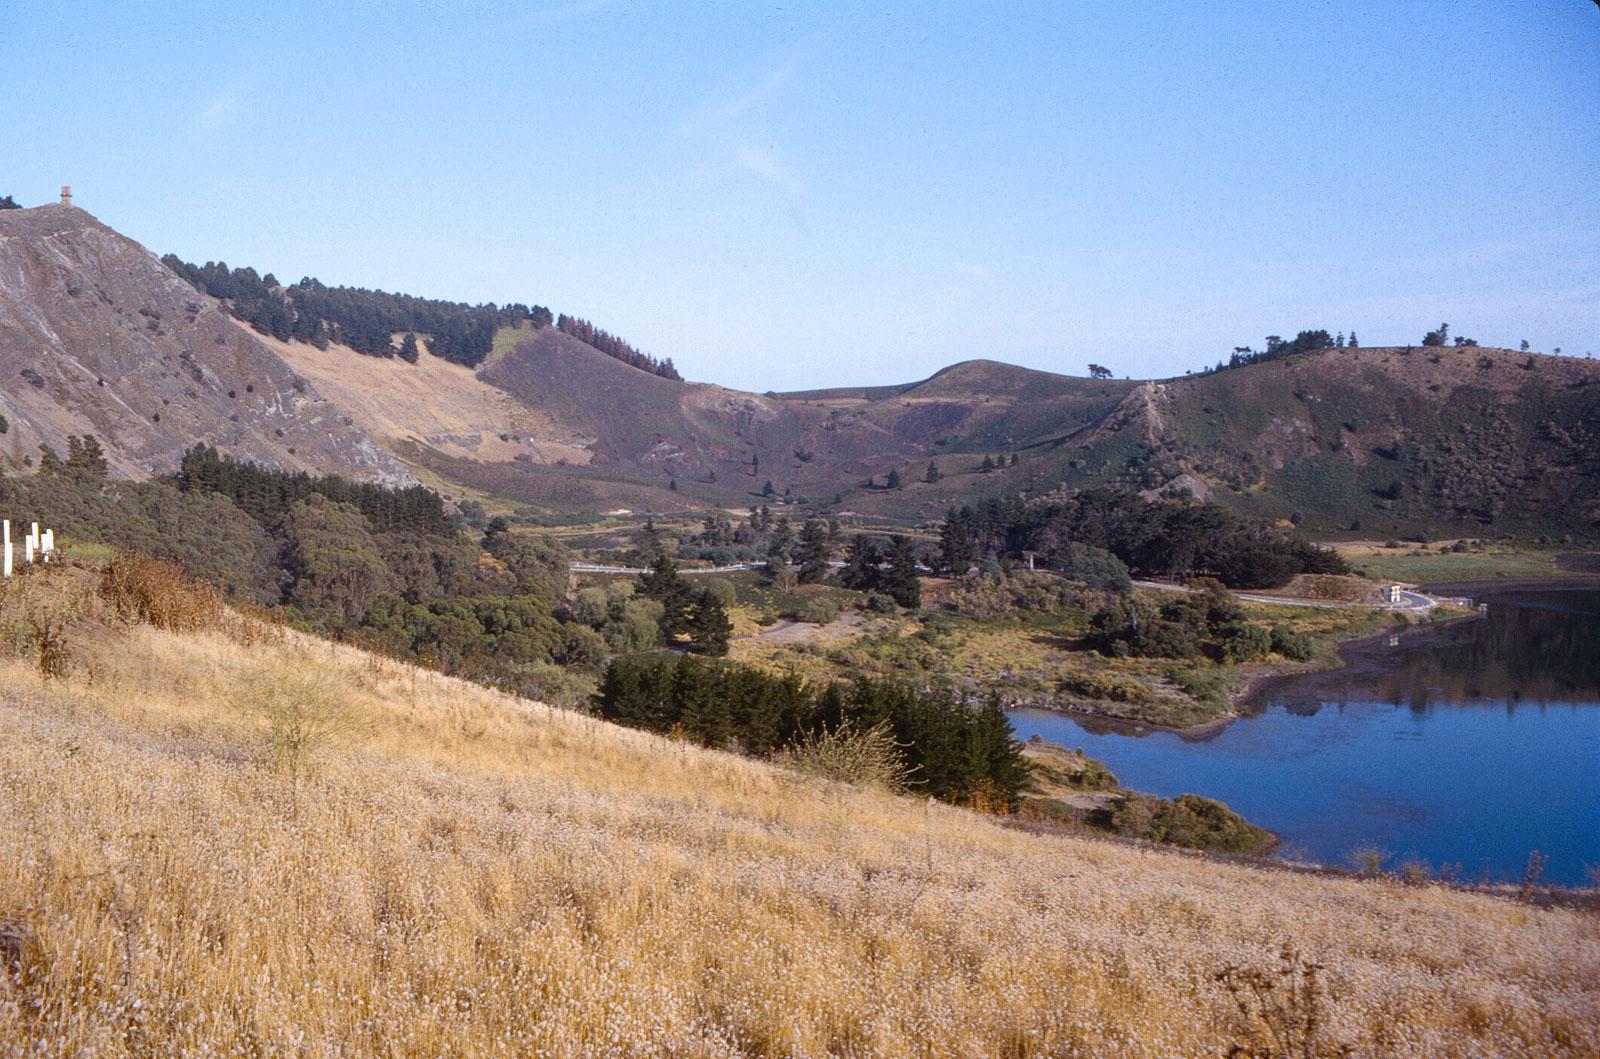 Mount-Valley-Lake-1600px-Epson V800